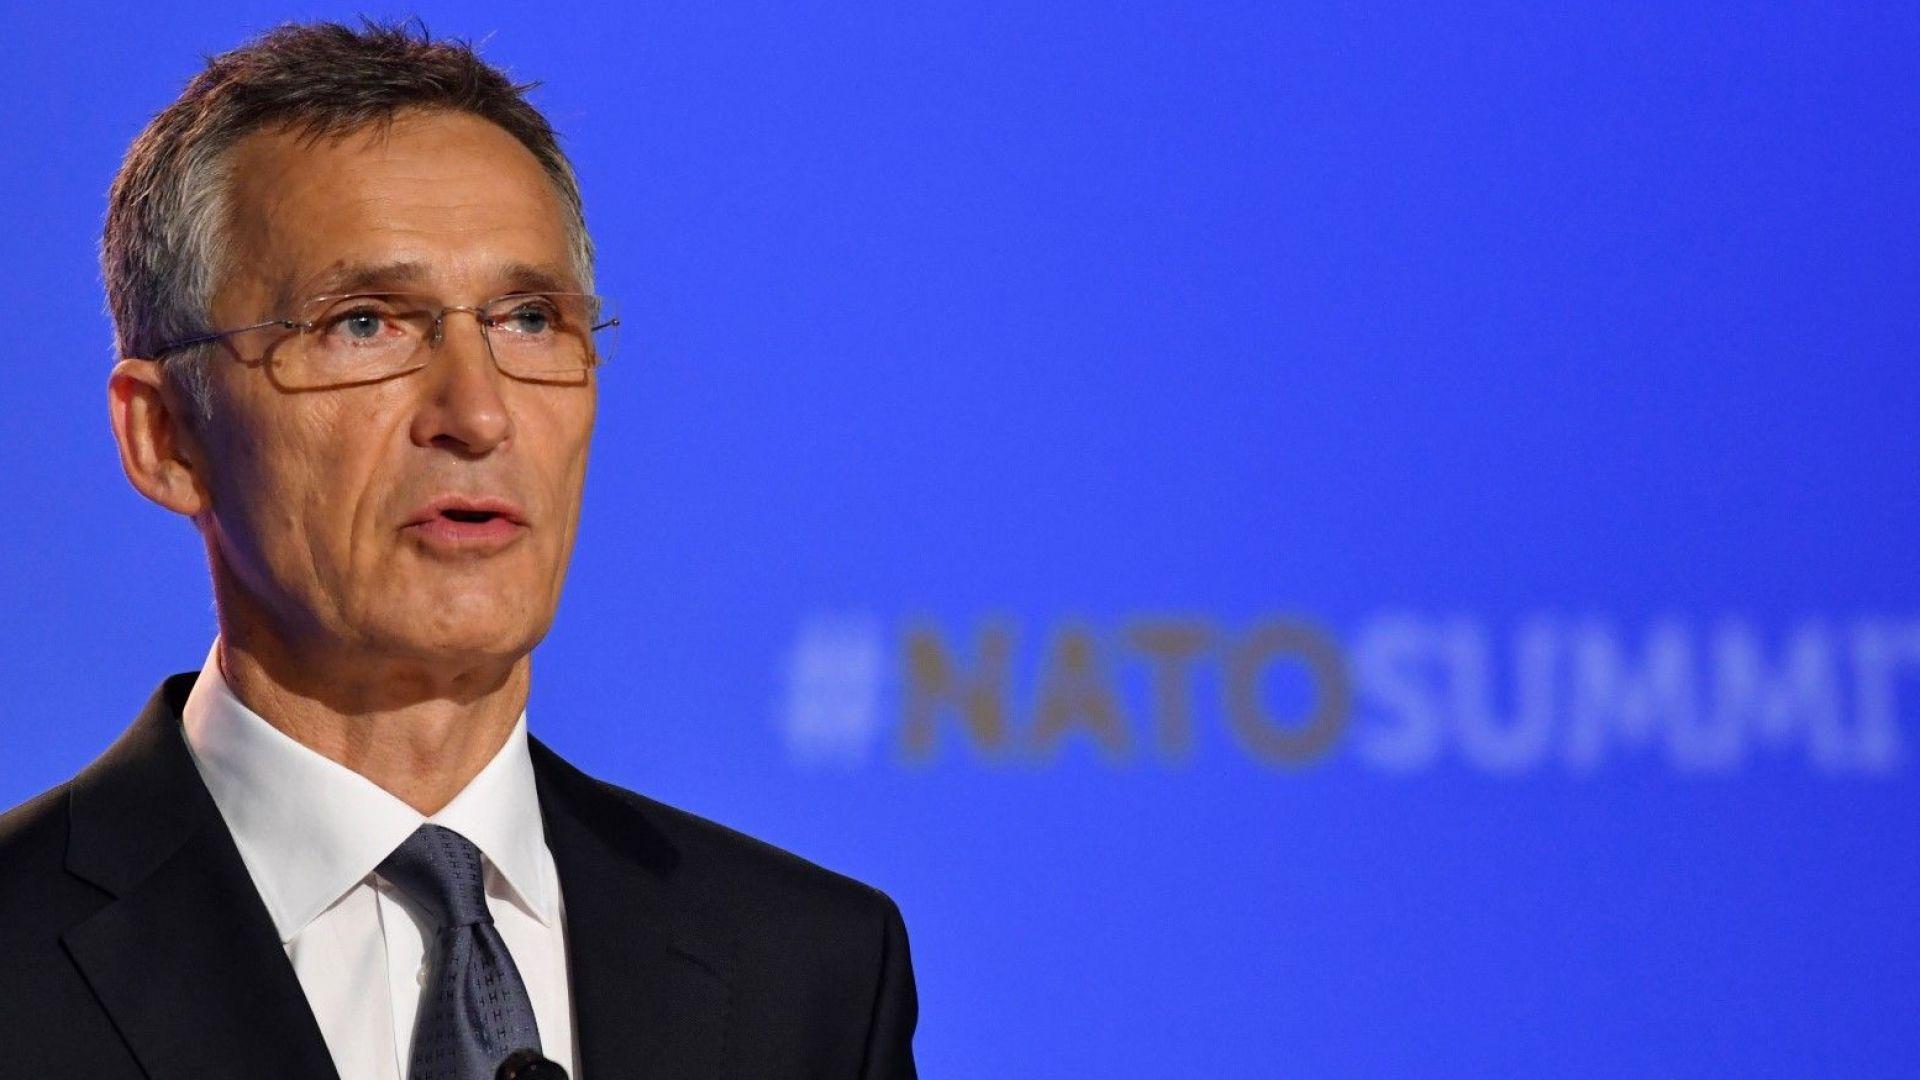 НАТО тренира отговор на нападение срещу страна членка и кани Русия да гледа